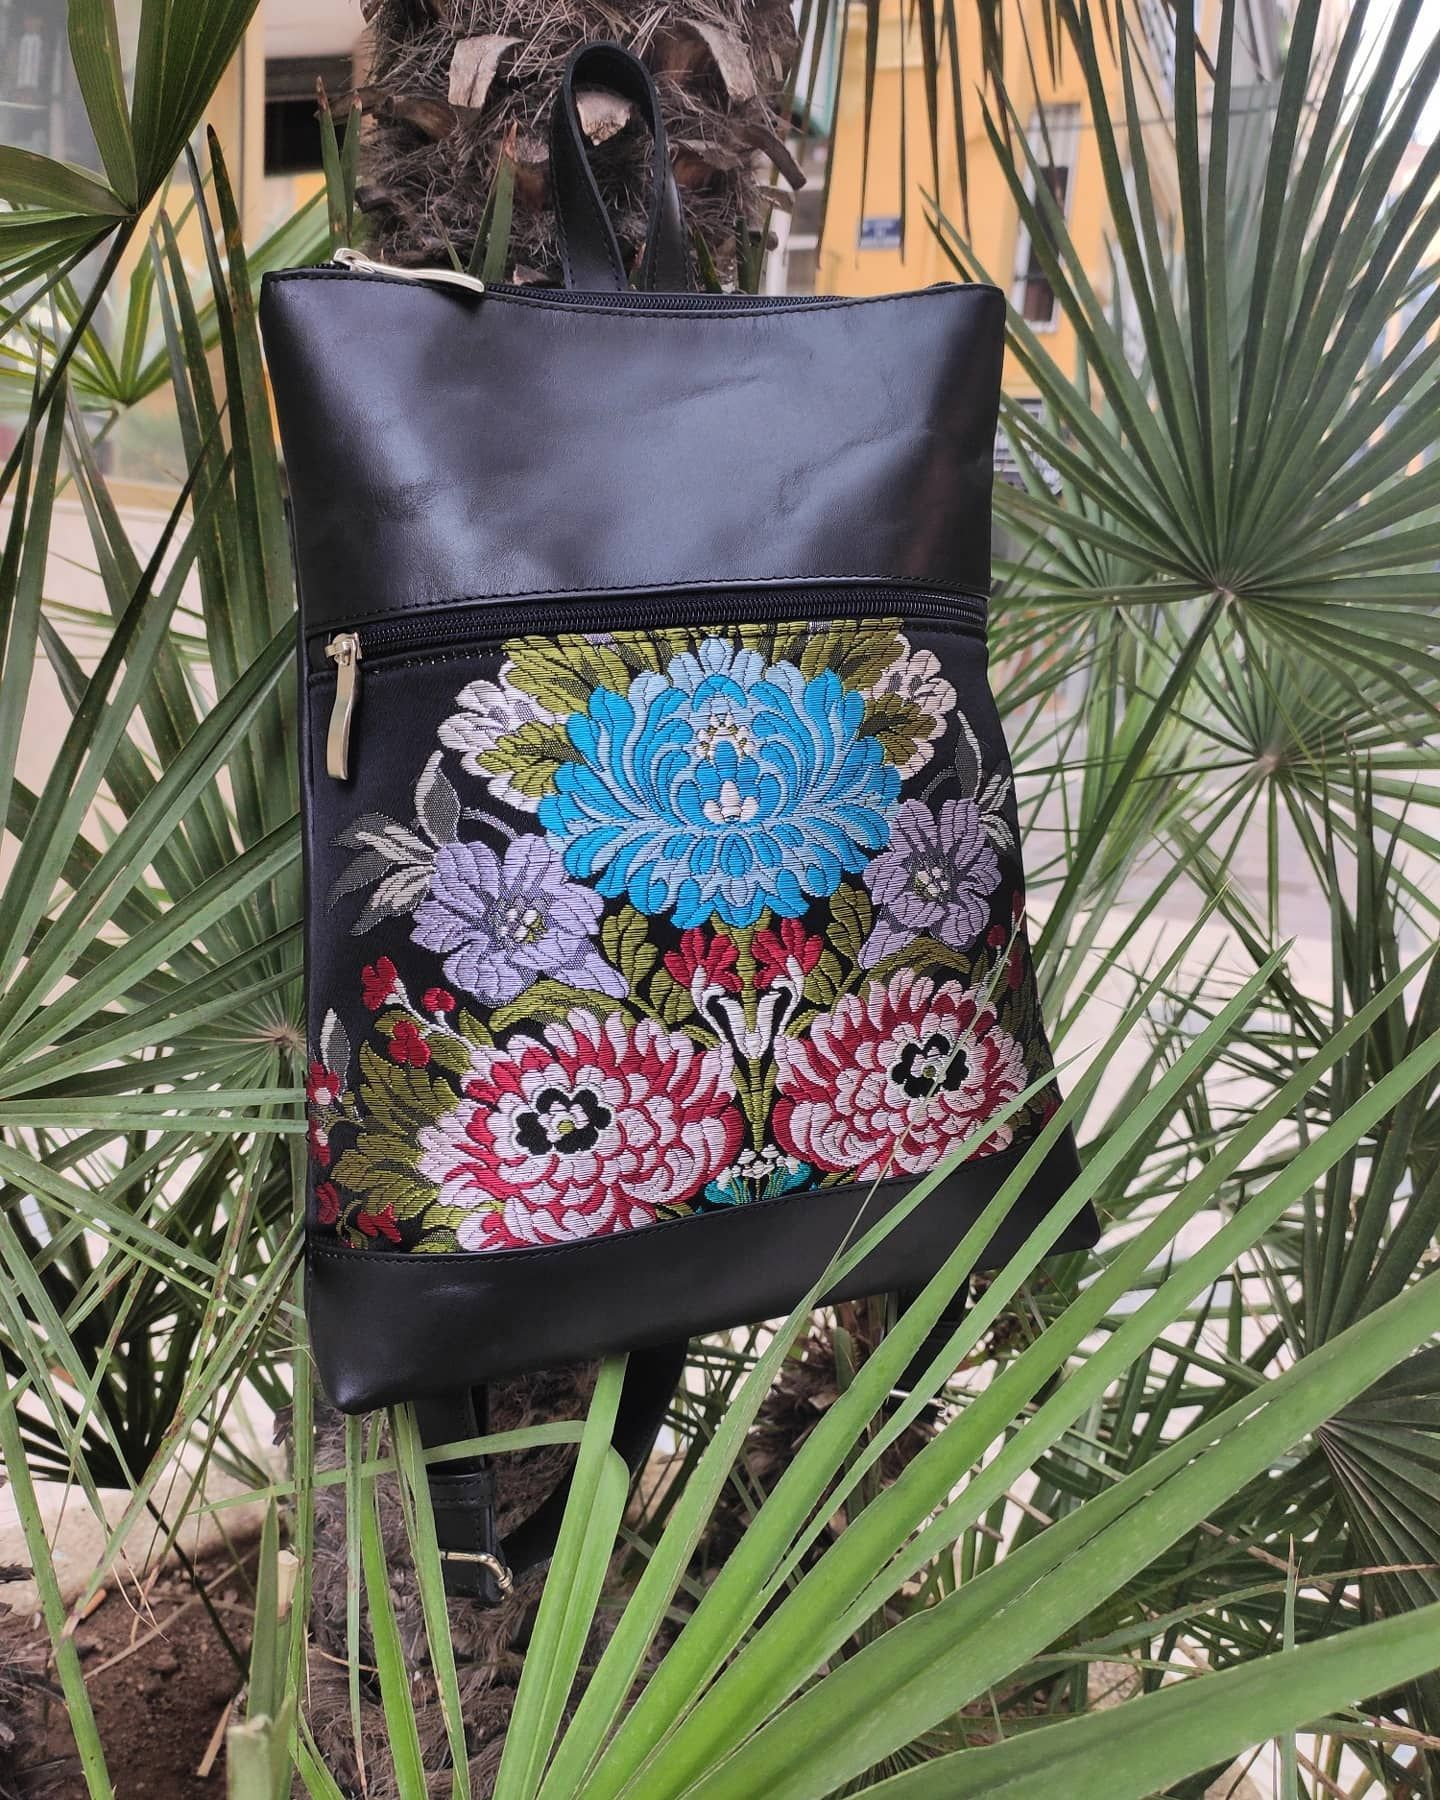 mochilas de piel combinada con tela original de fallera.